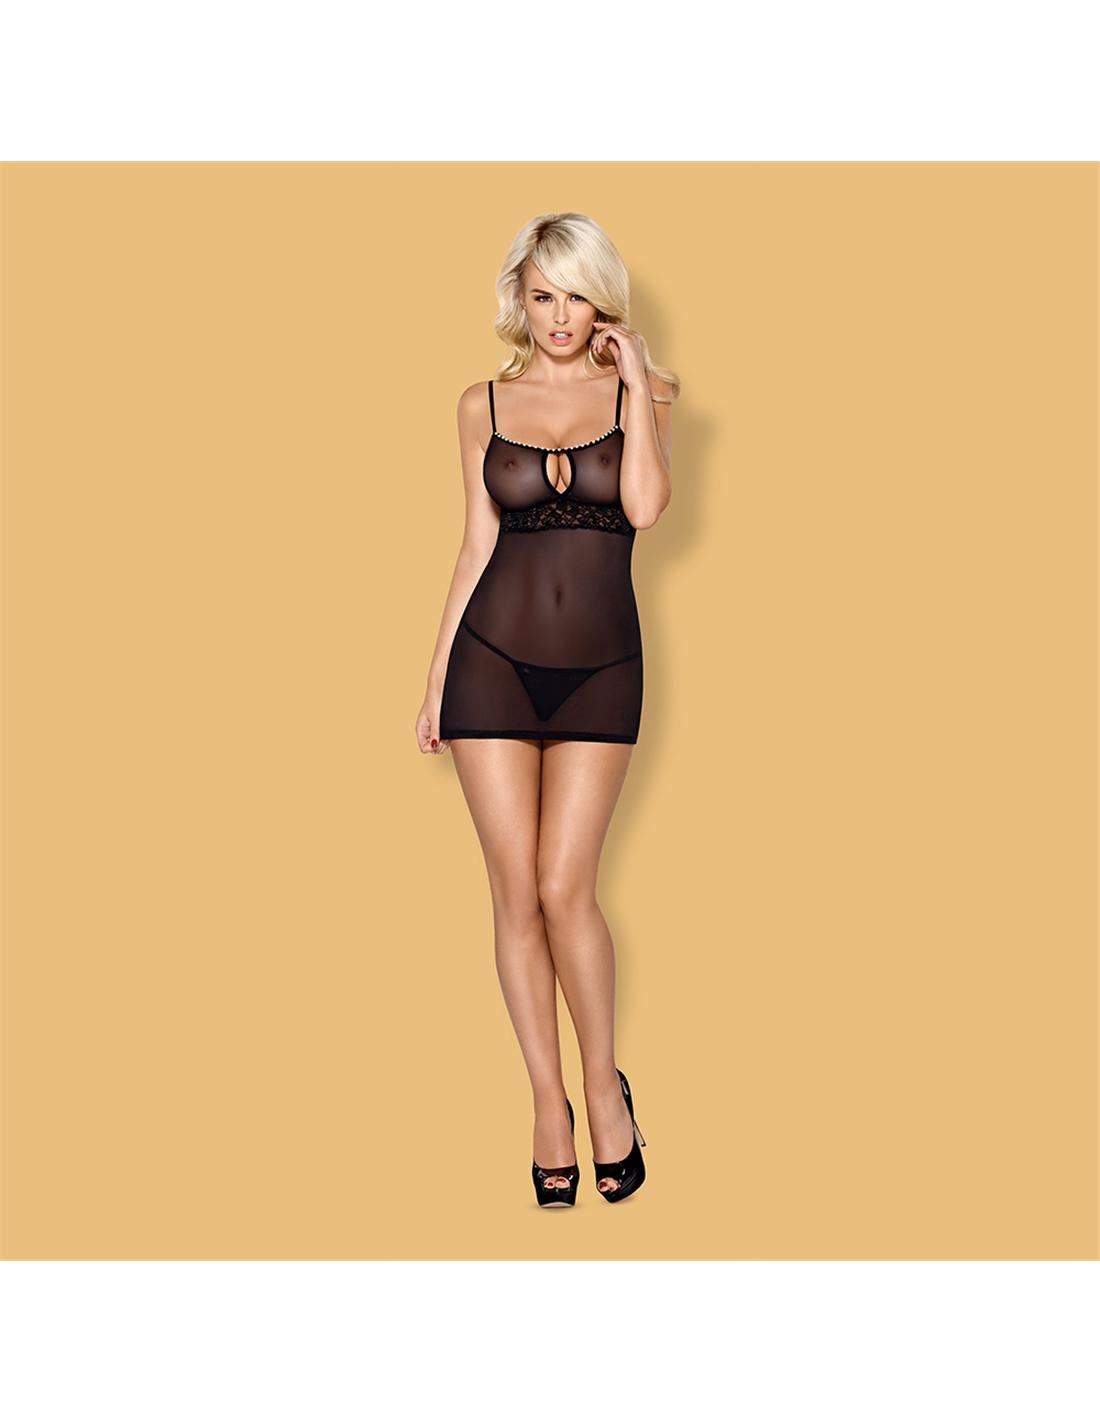 Camisa De Noite E Tanga 812-Che Obsessive - 36-38 S/M - PR2010346171